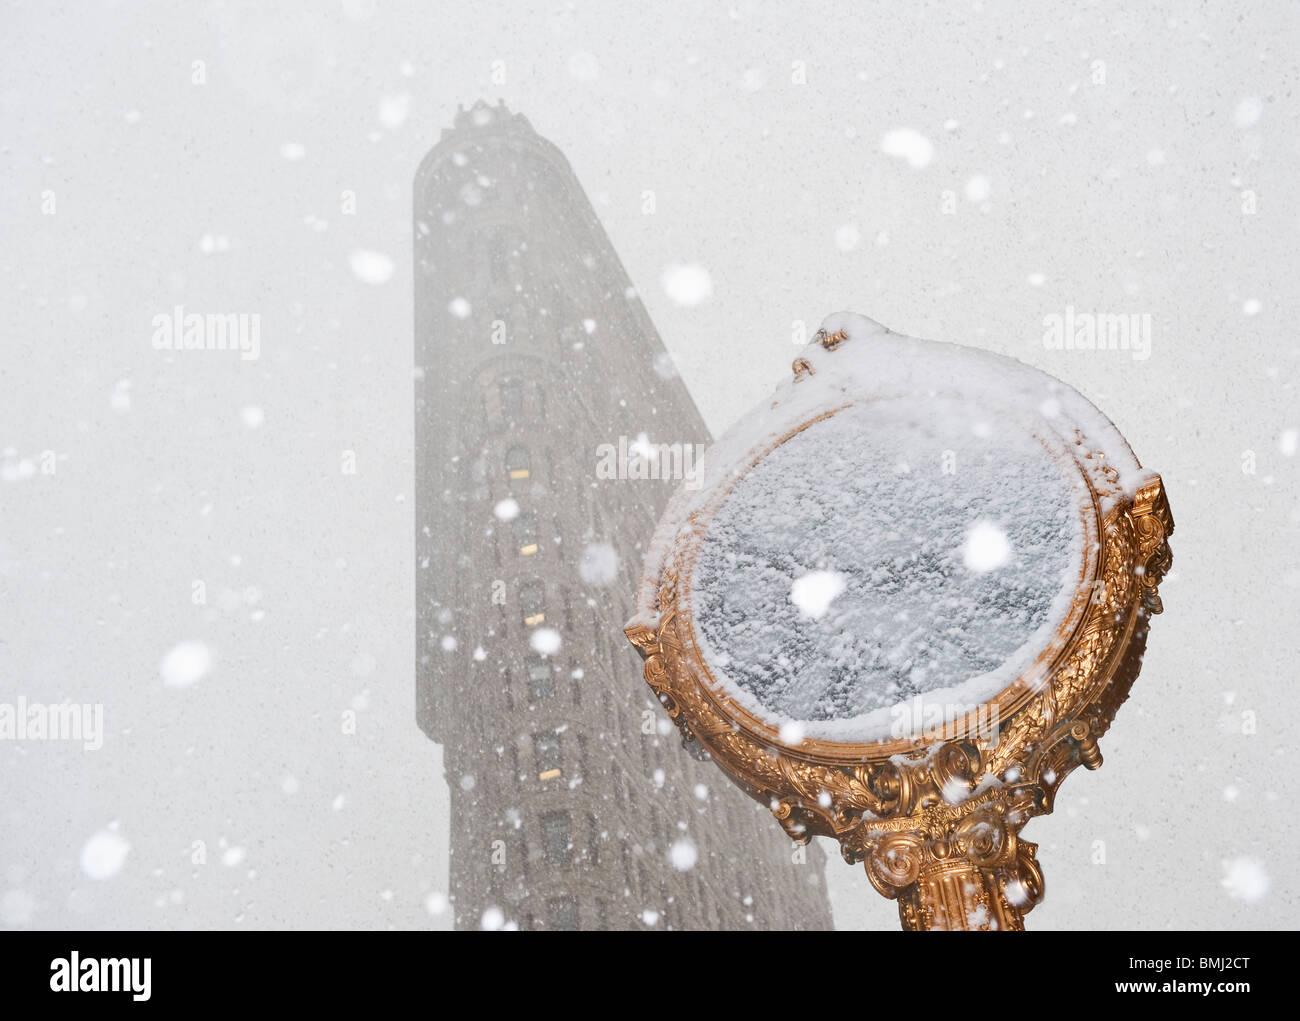 Verschneiten Tag im städtischen Umfeld Stockbild